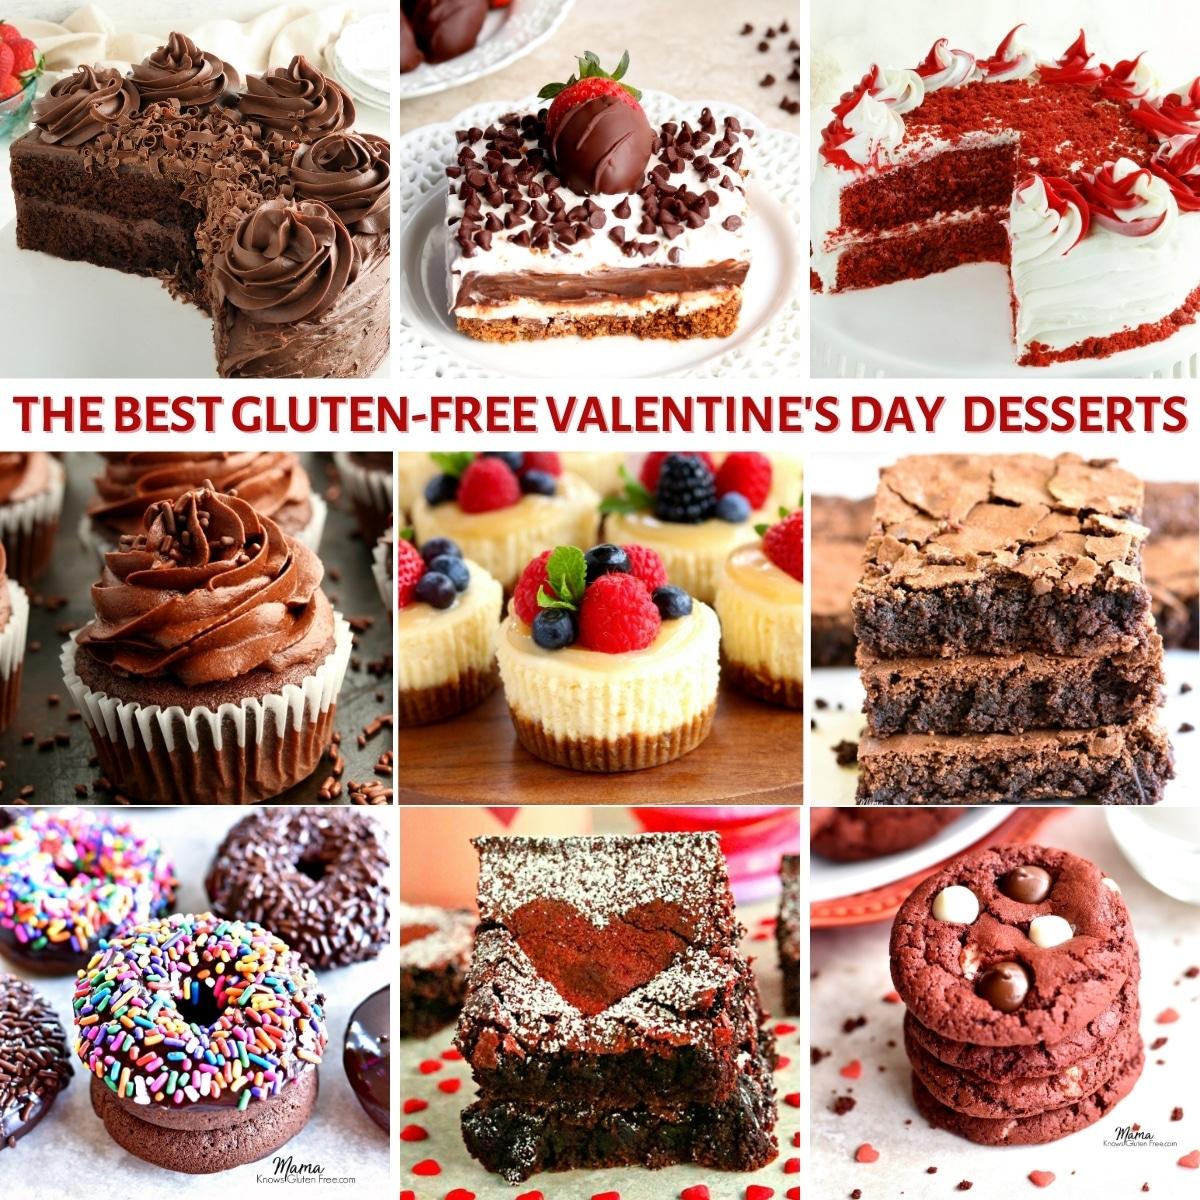 Gluten-Free Valentine's Day Desserts {Dairy-Free Option}